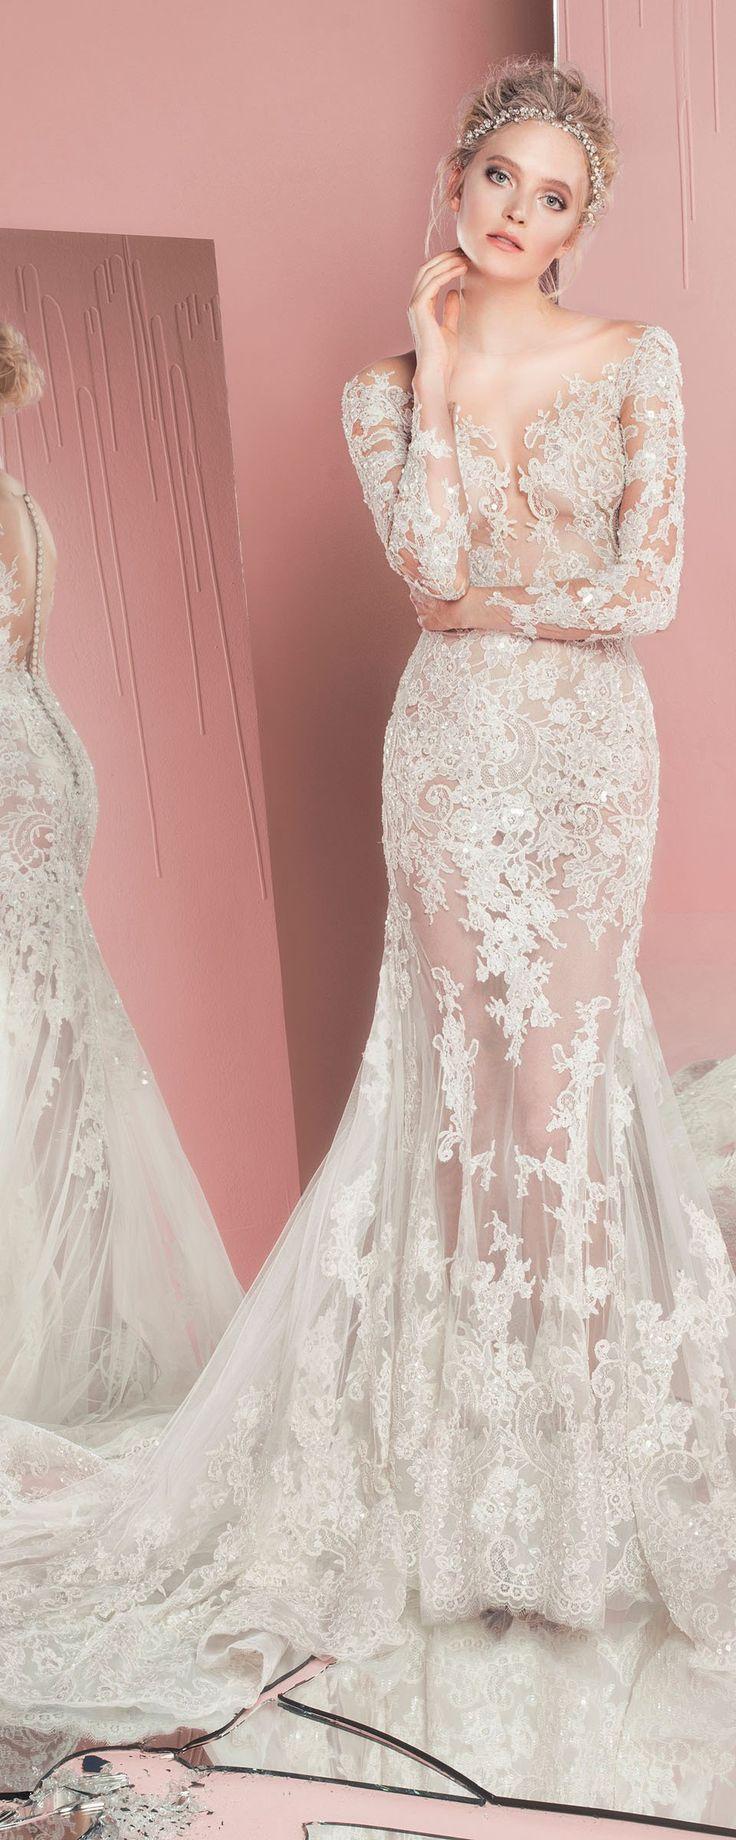 Mejores 645 imágenes de Wedding en Pinterest   Novias, Vestidos de ...